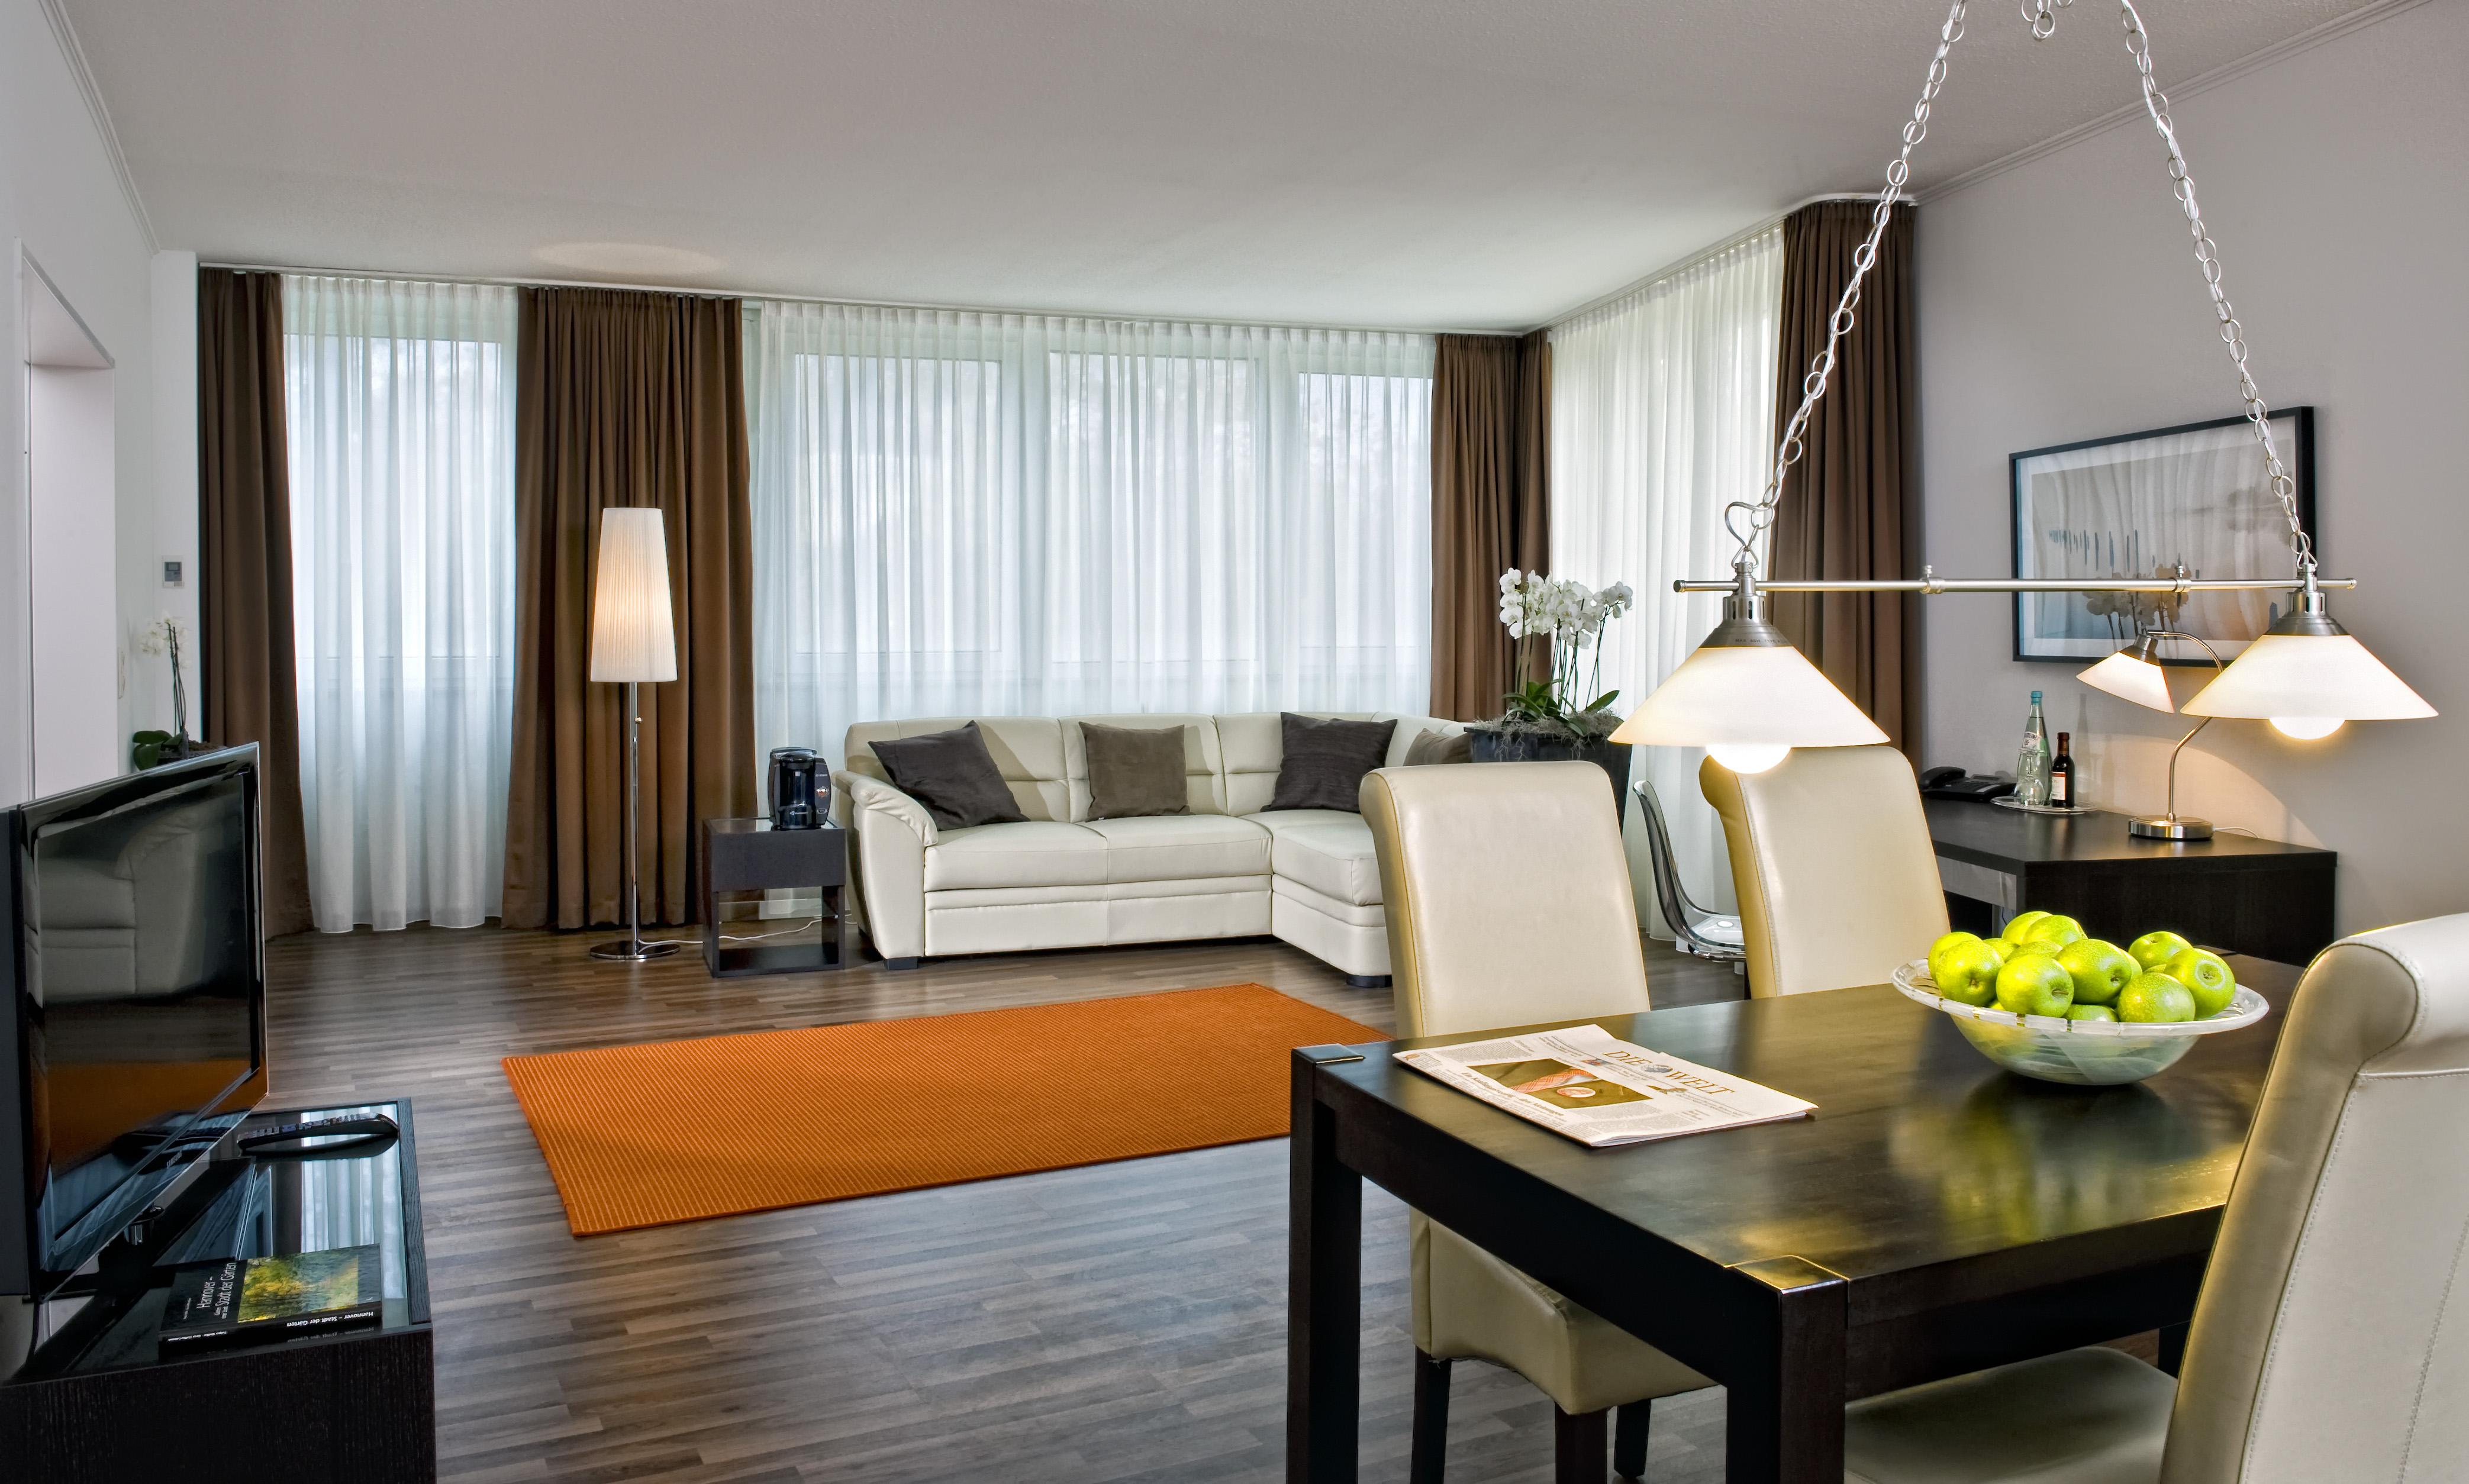 Wyndham hannover hotel ruhige hotelzimmer nahe messe for Zimmer hannover